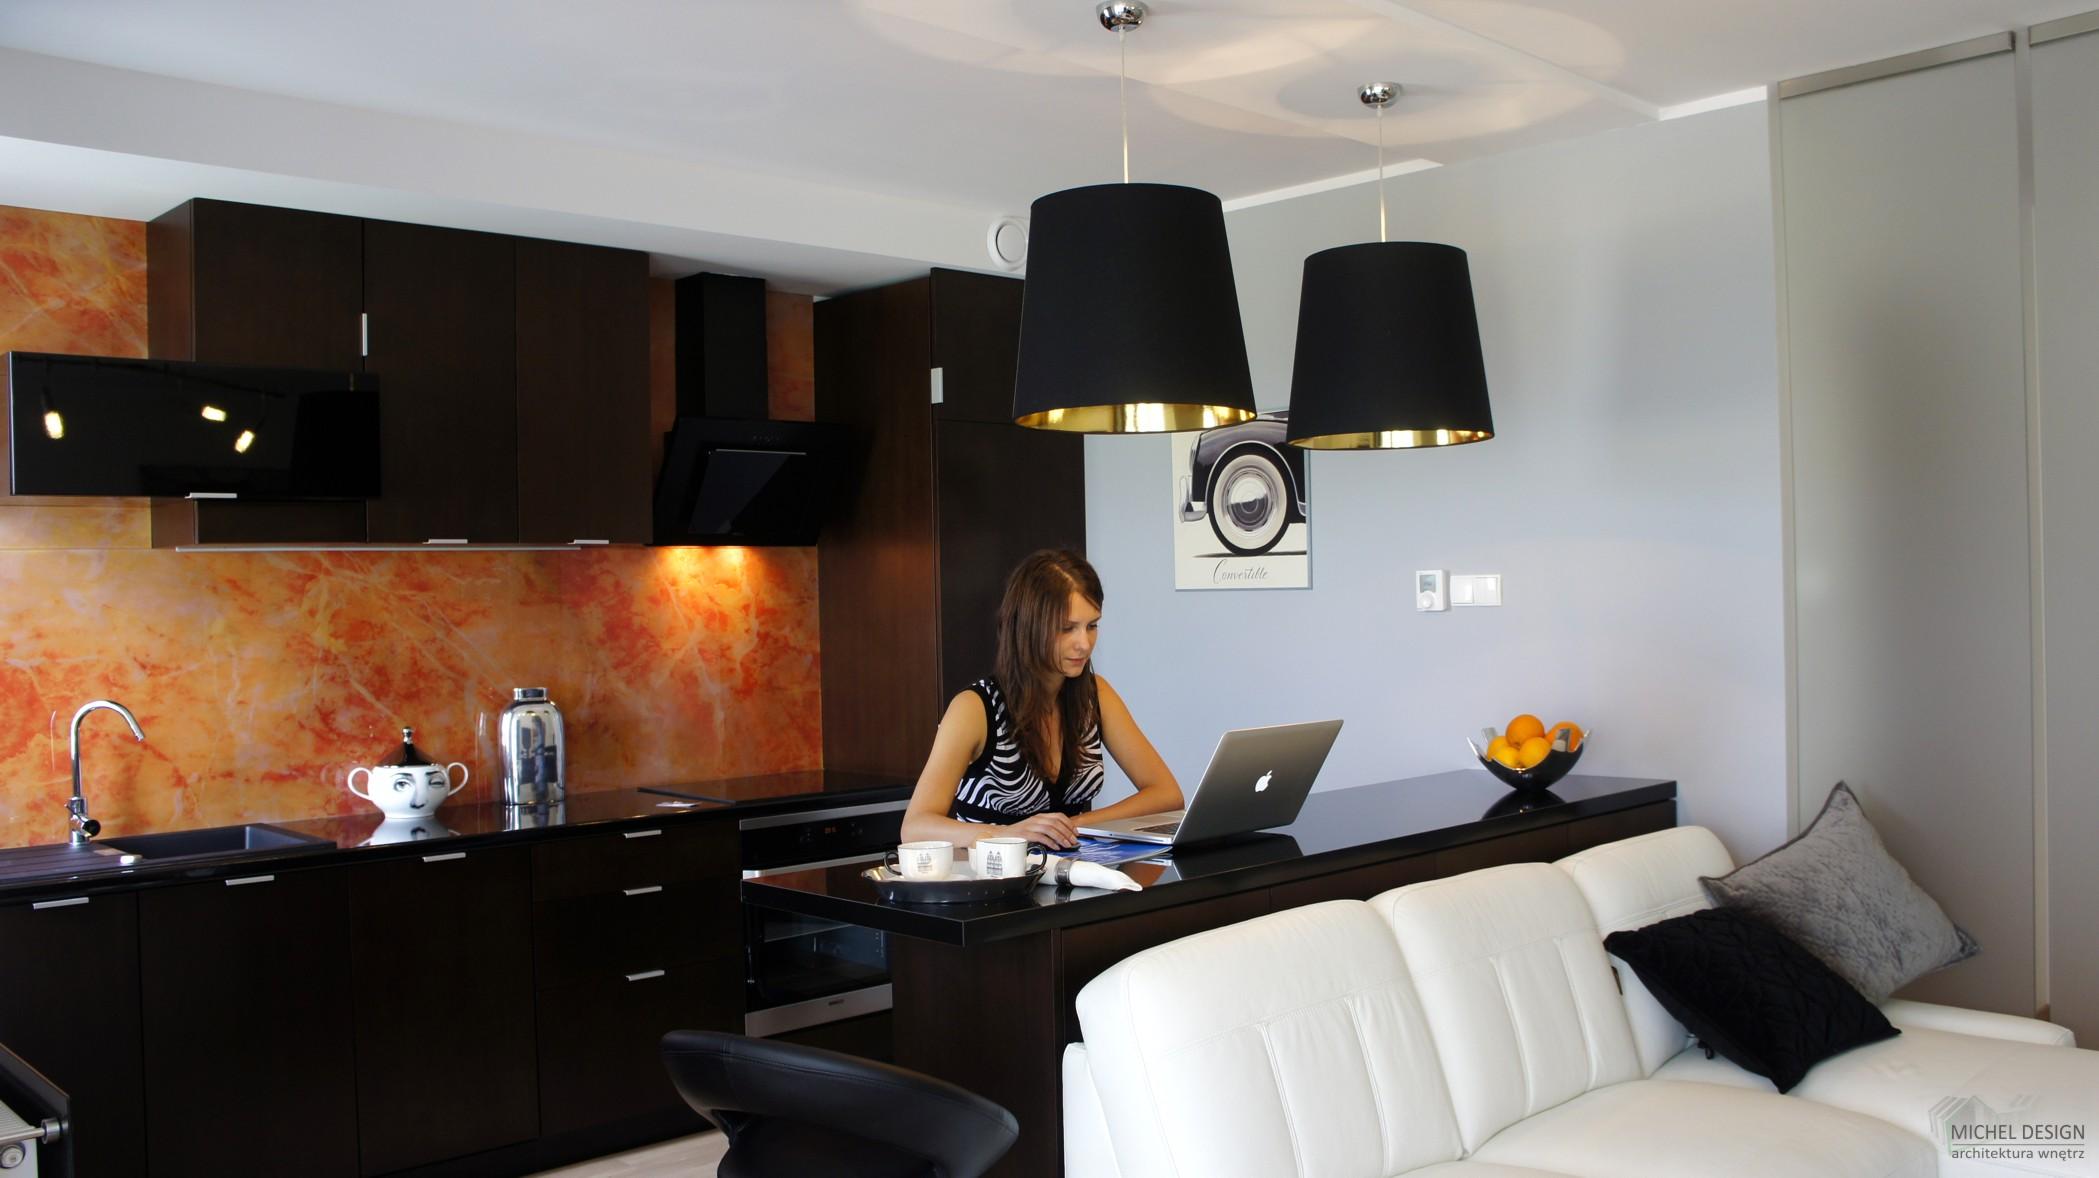 Фото и дизайн кухни студии в маленькой квартире